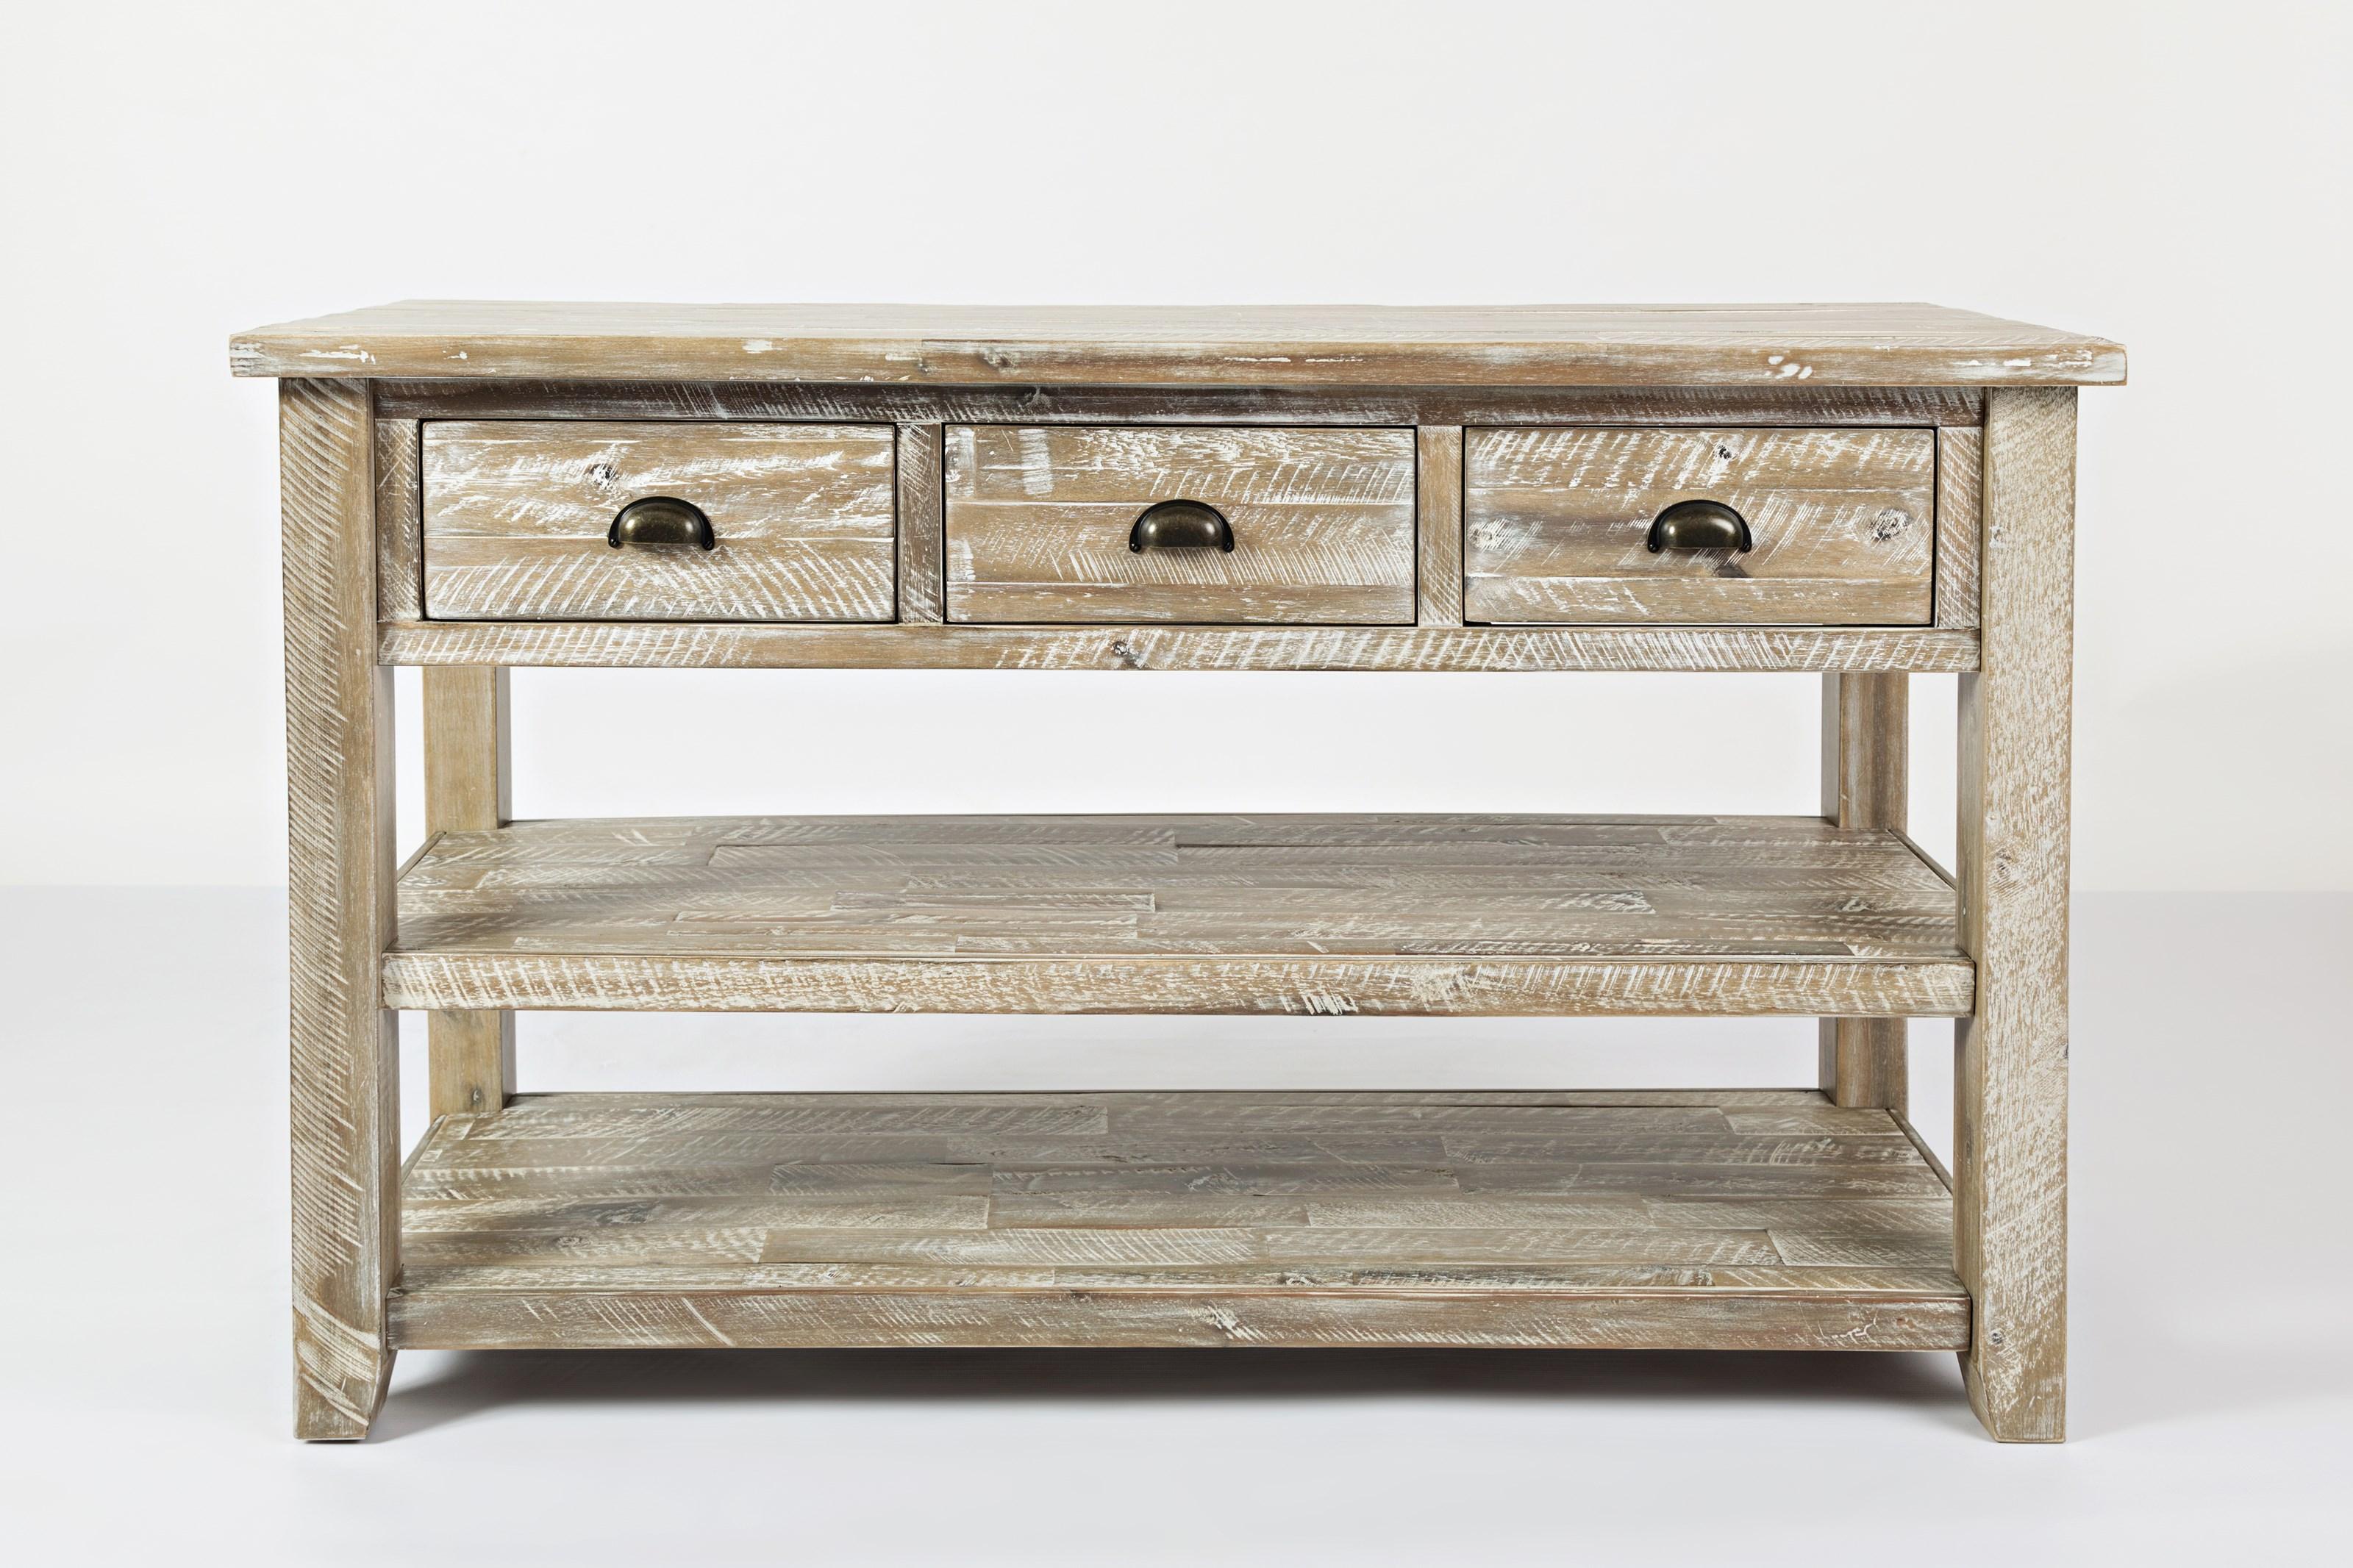 Artisan's Craft Sofa Table by Jofran at Jofran